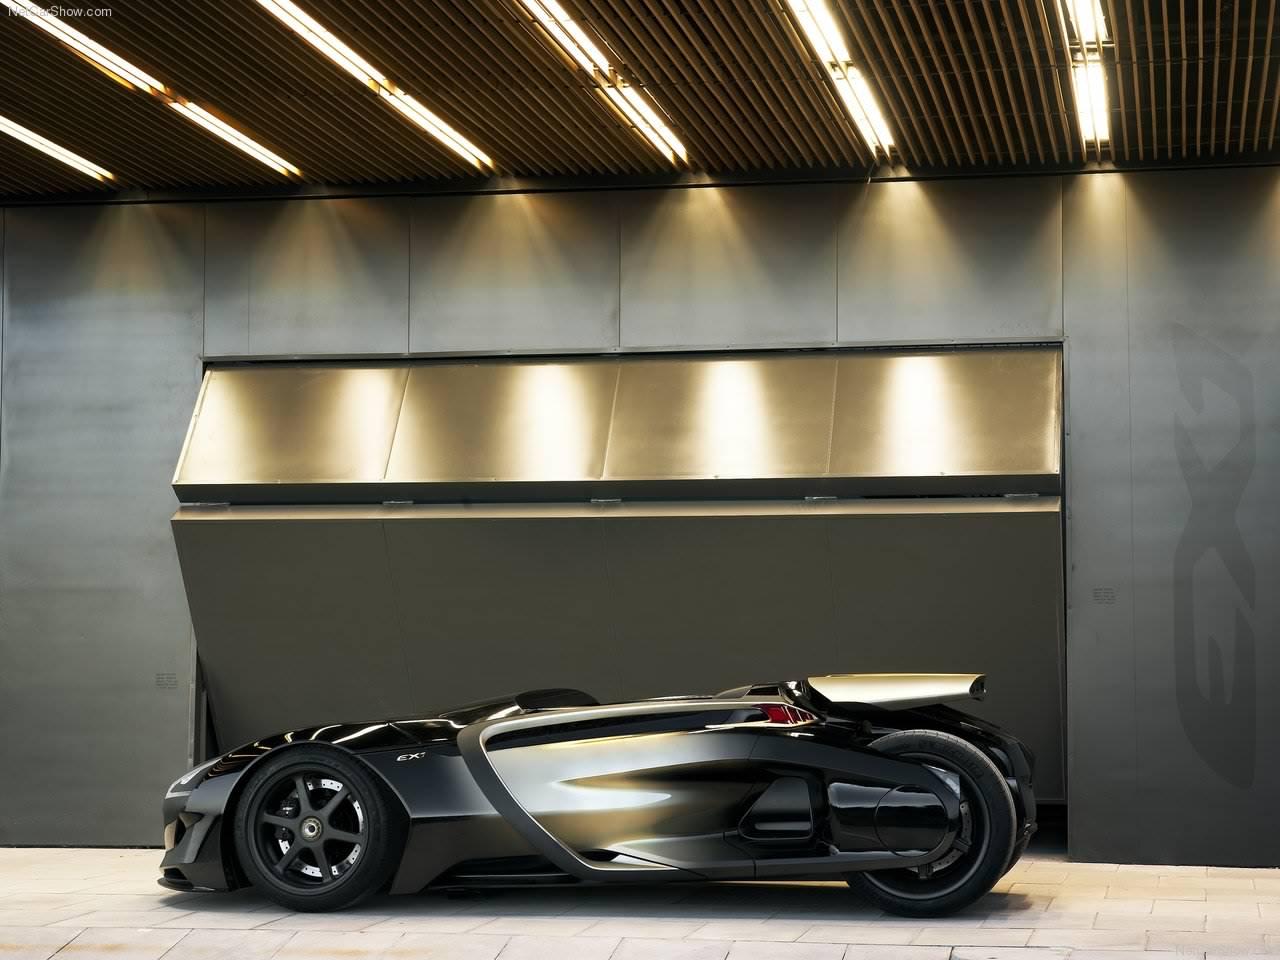 http://2.bp.blogspot.com/_lsyt_wQ2awY/TJrm3J2tofI/AAAAAAACFOA/pu2jtJFrzGo/s1600/Peugeot-EX1_Concept_2010_1280x960_wallpaper_08.jpg